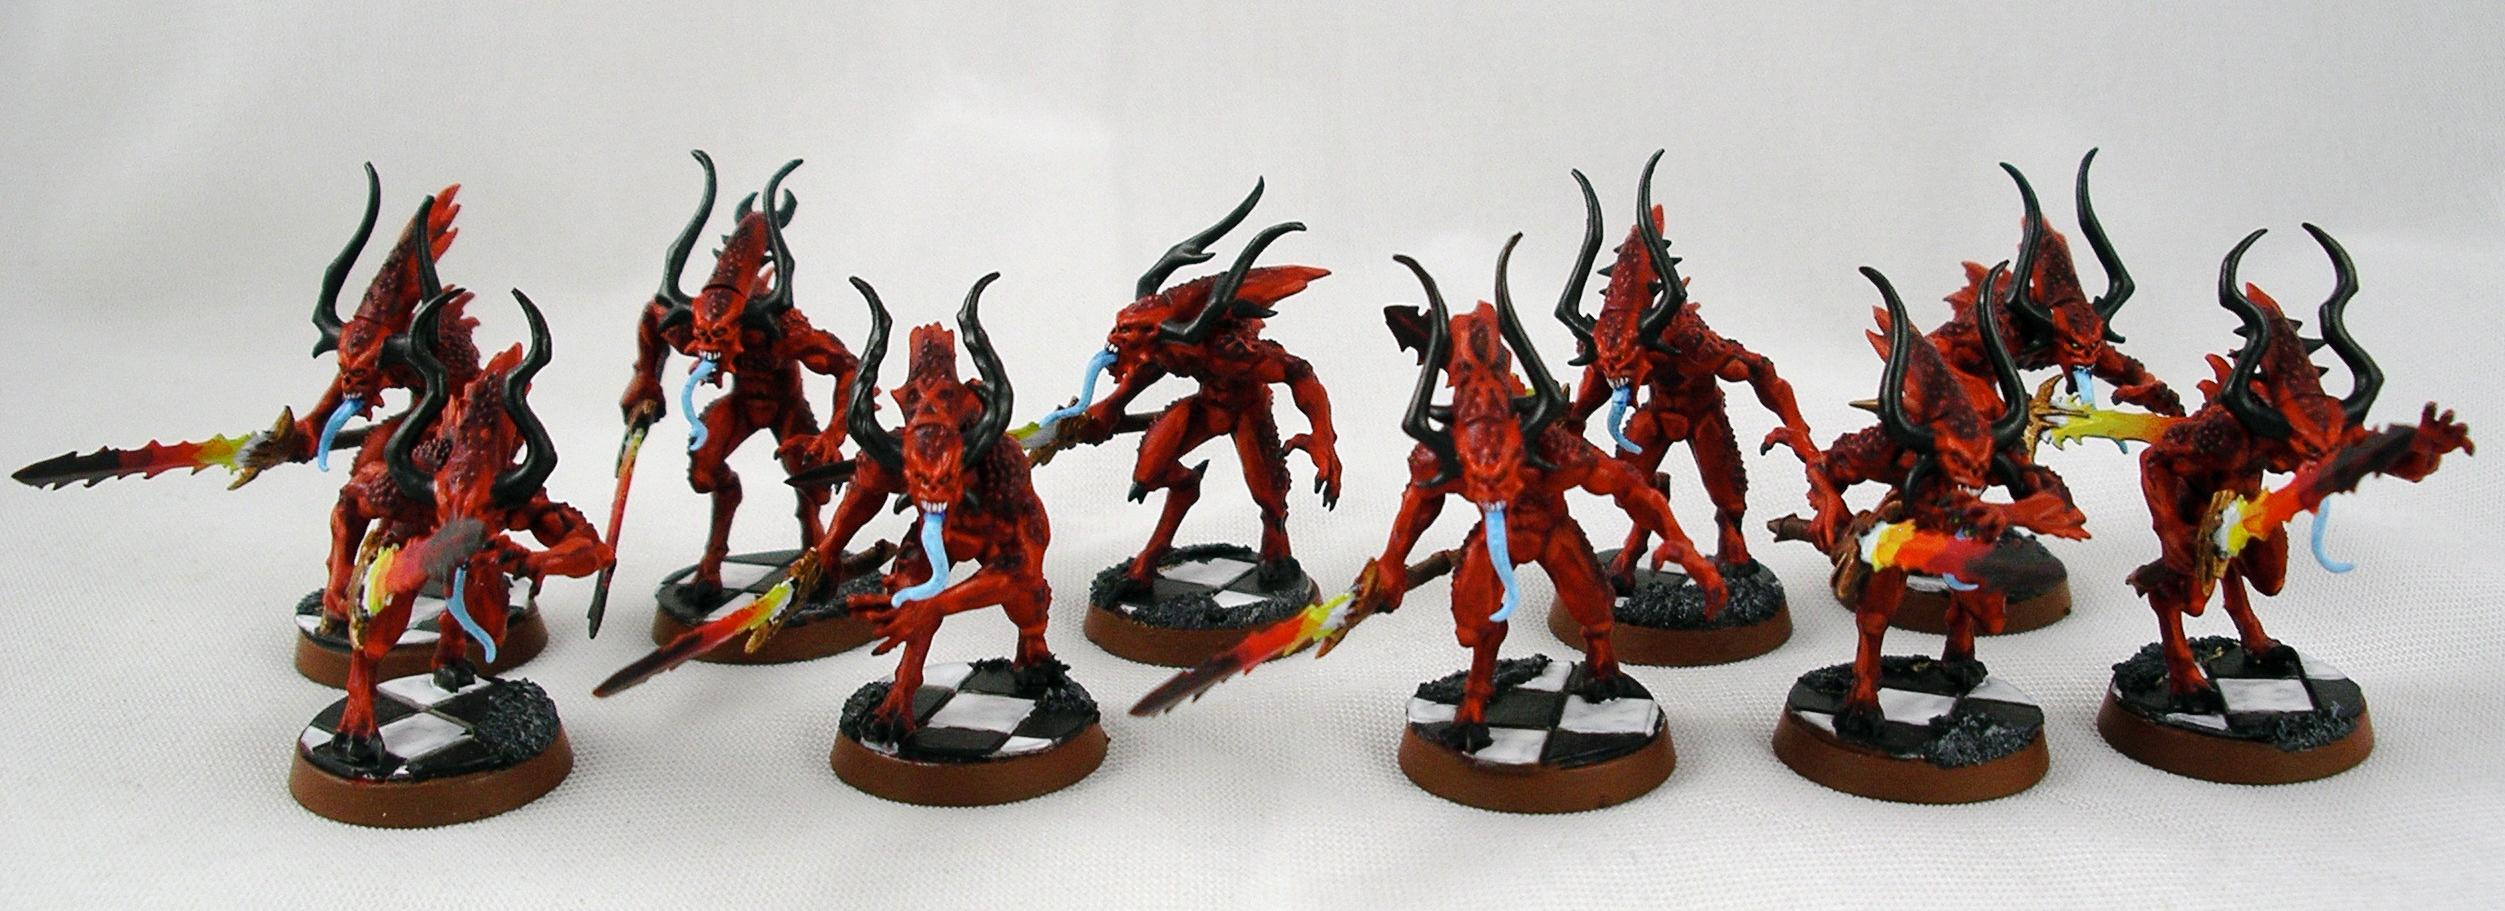 Bloodletters, Daemon Khorne